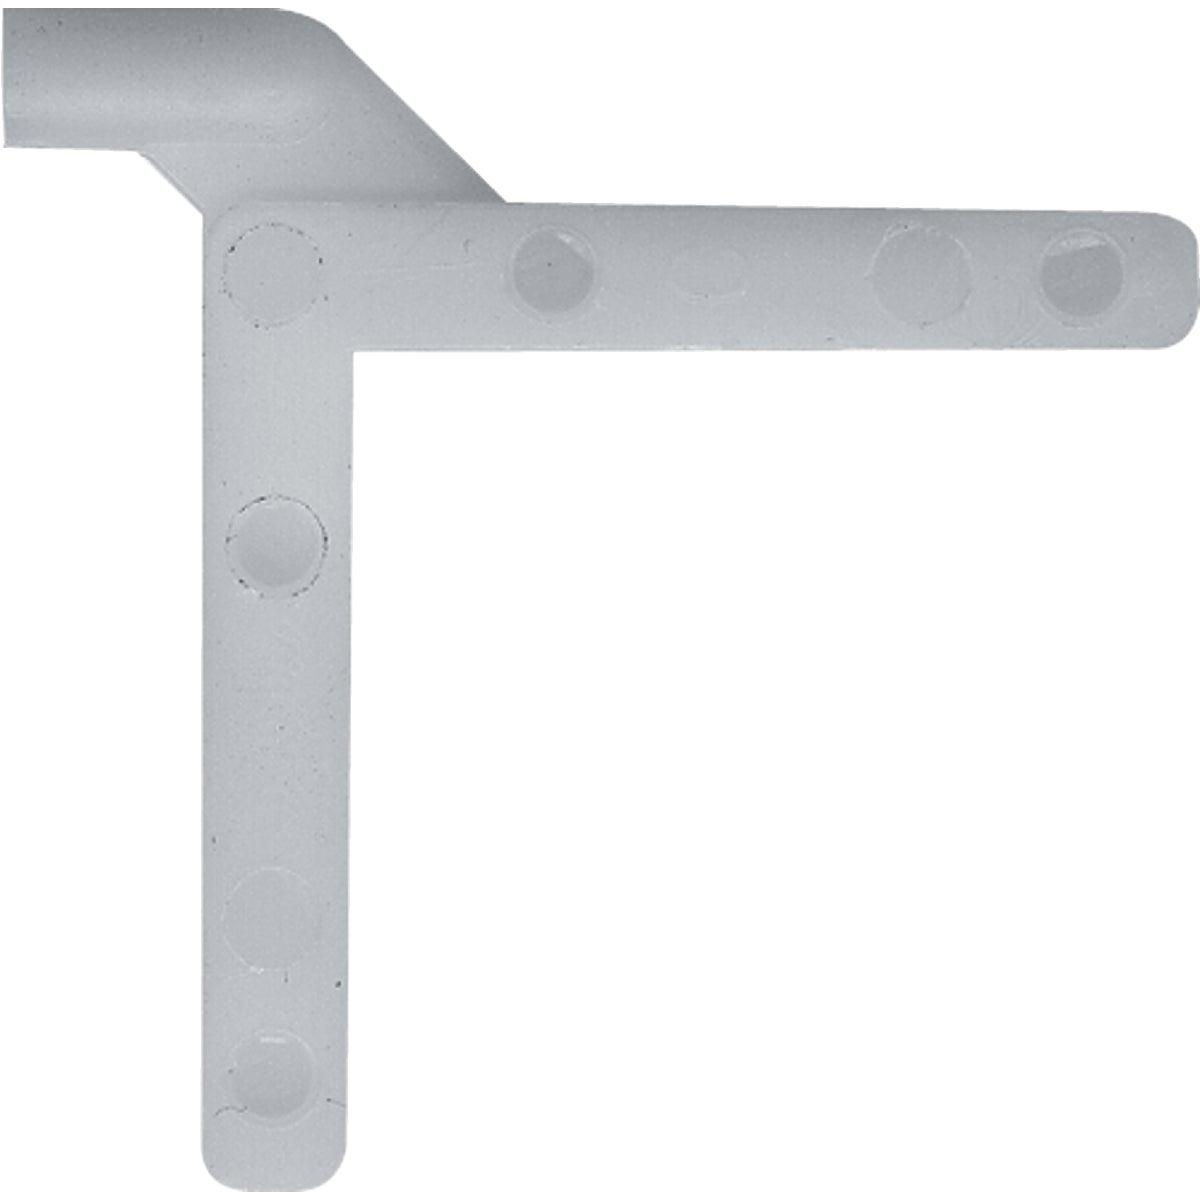 3/16X3/16 Rh Tilt Key